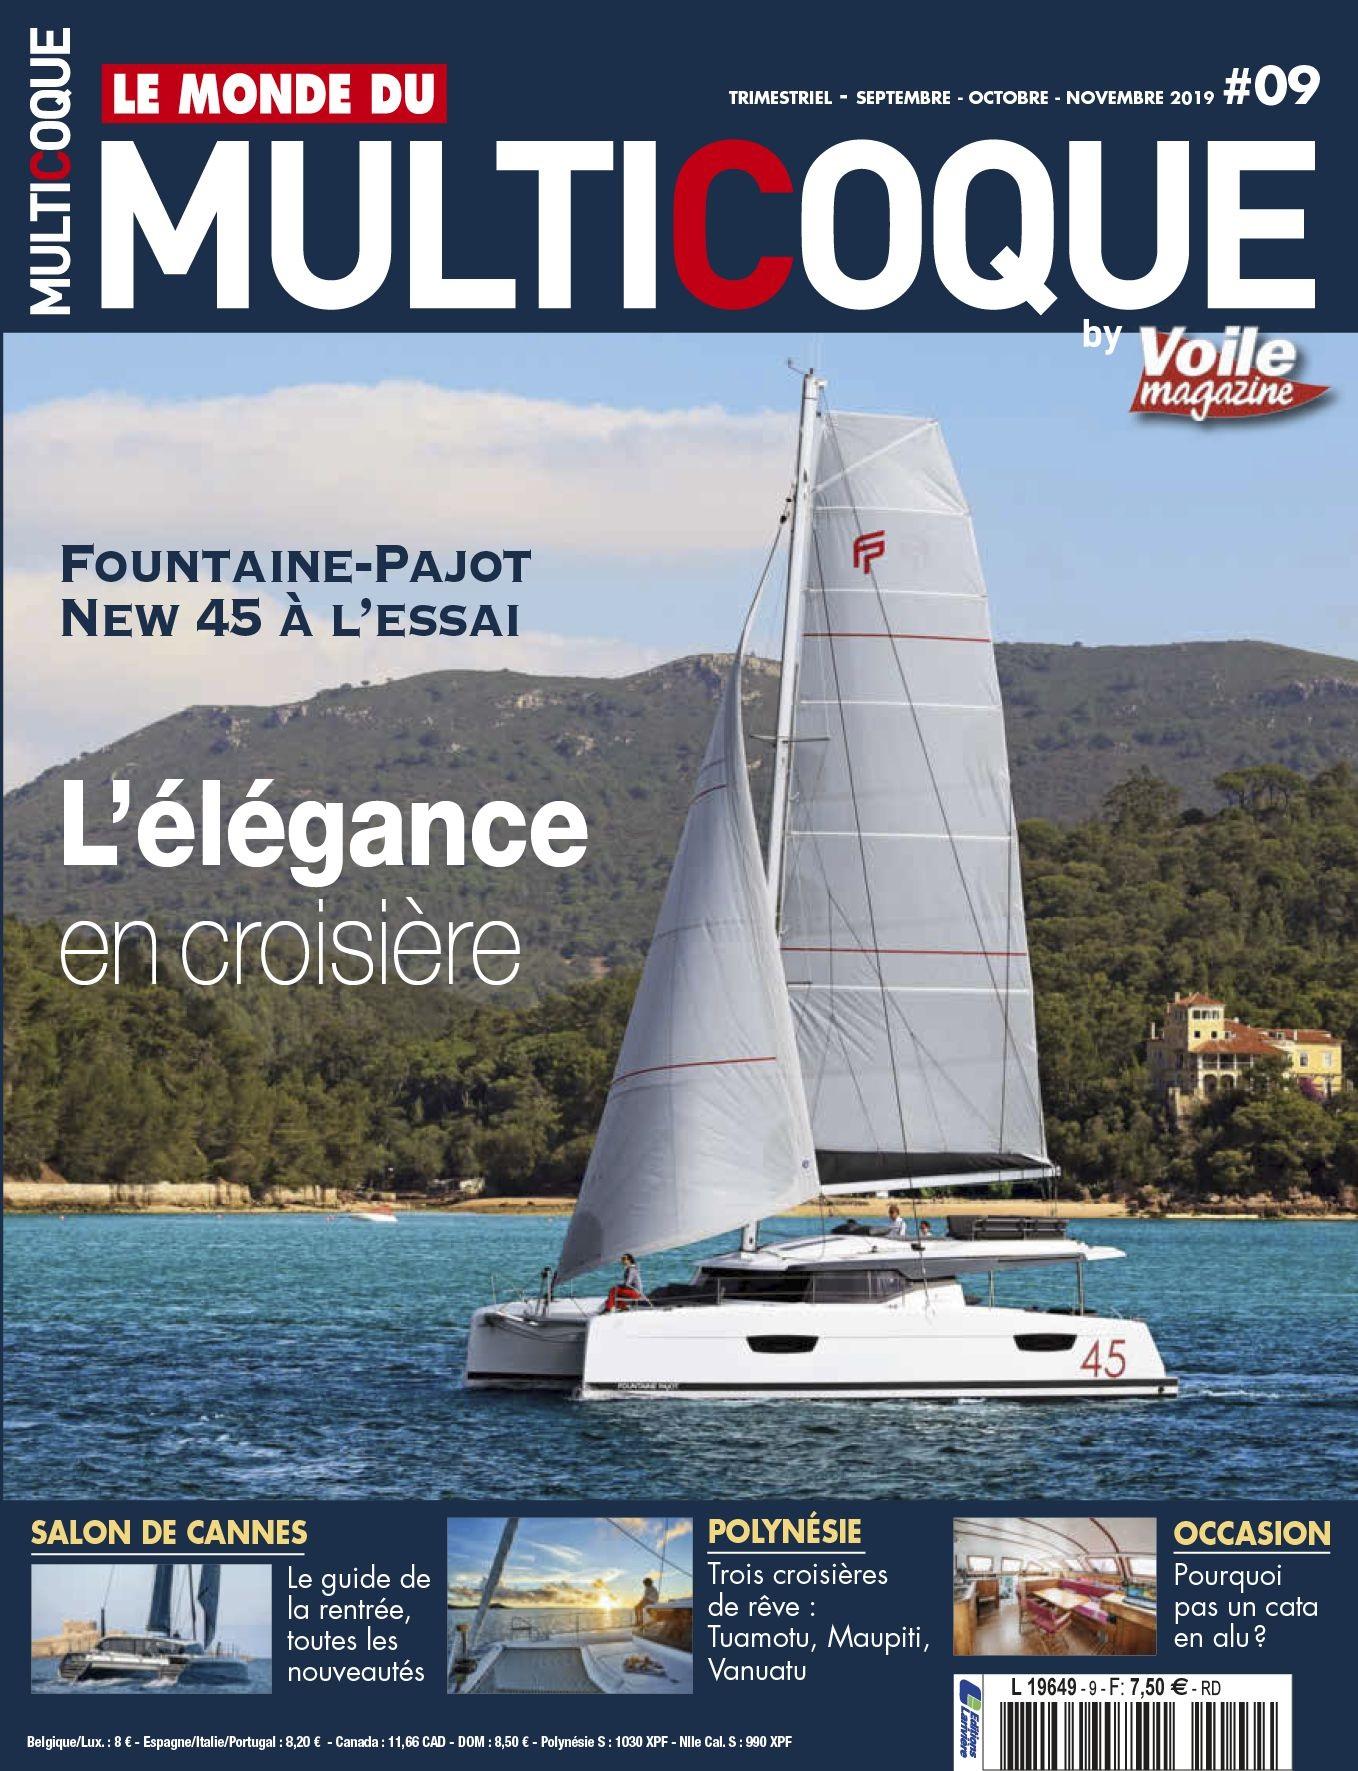 le monde du multicoque by voile magazine #09